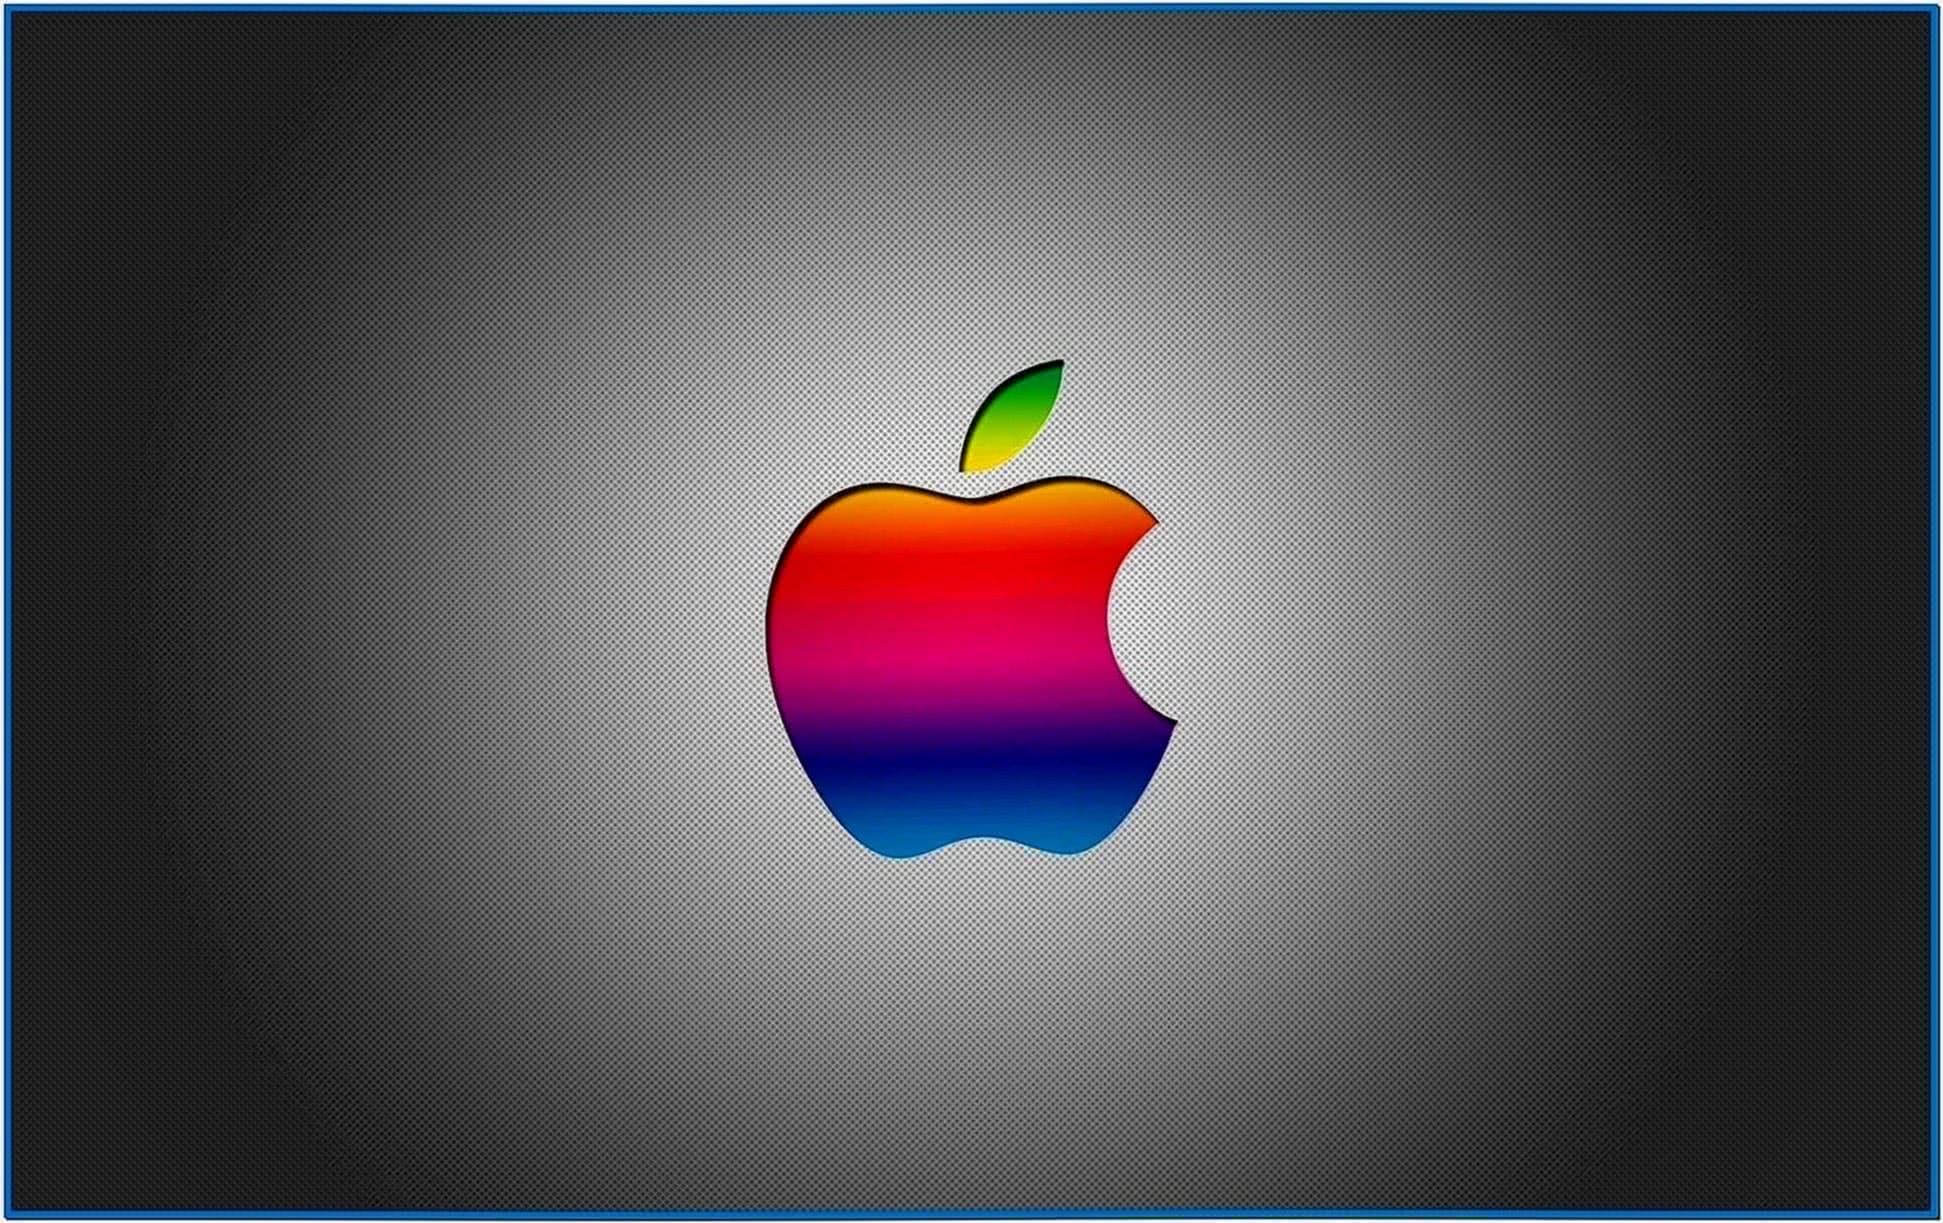 Awesome Mac Screensavers 2020